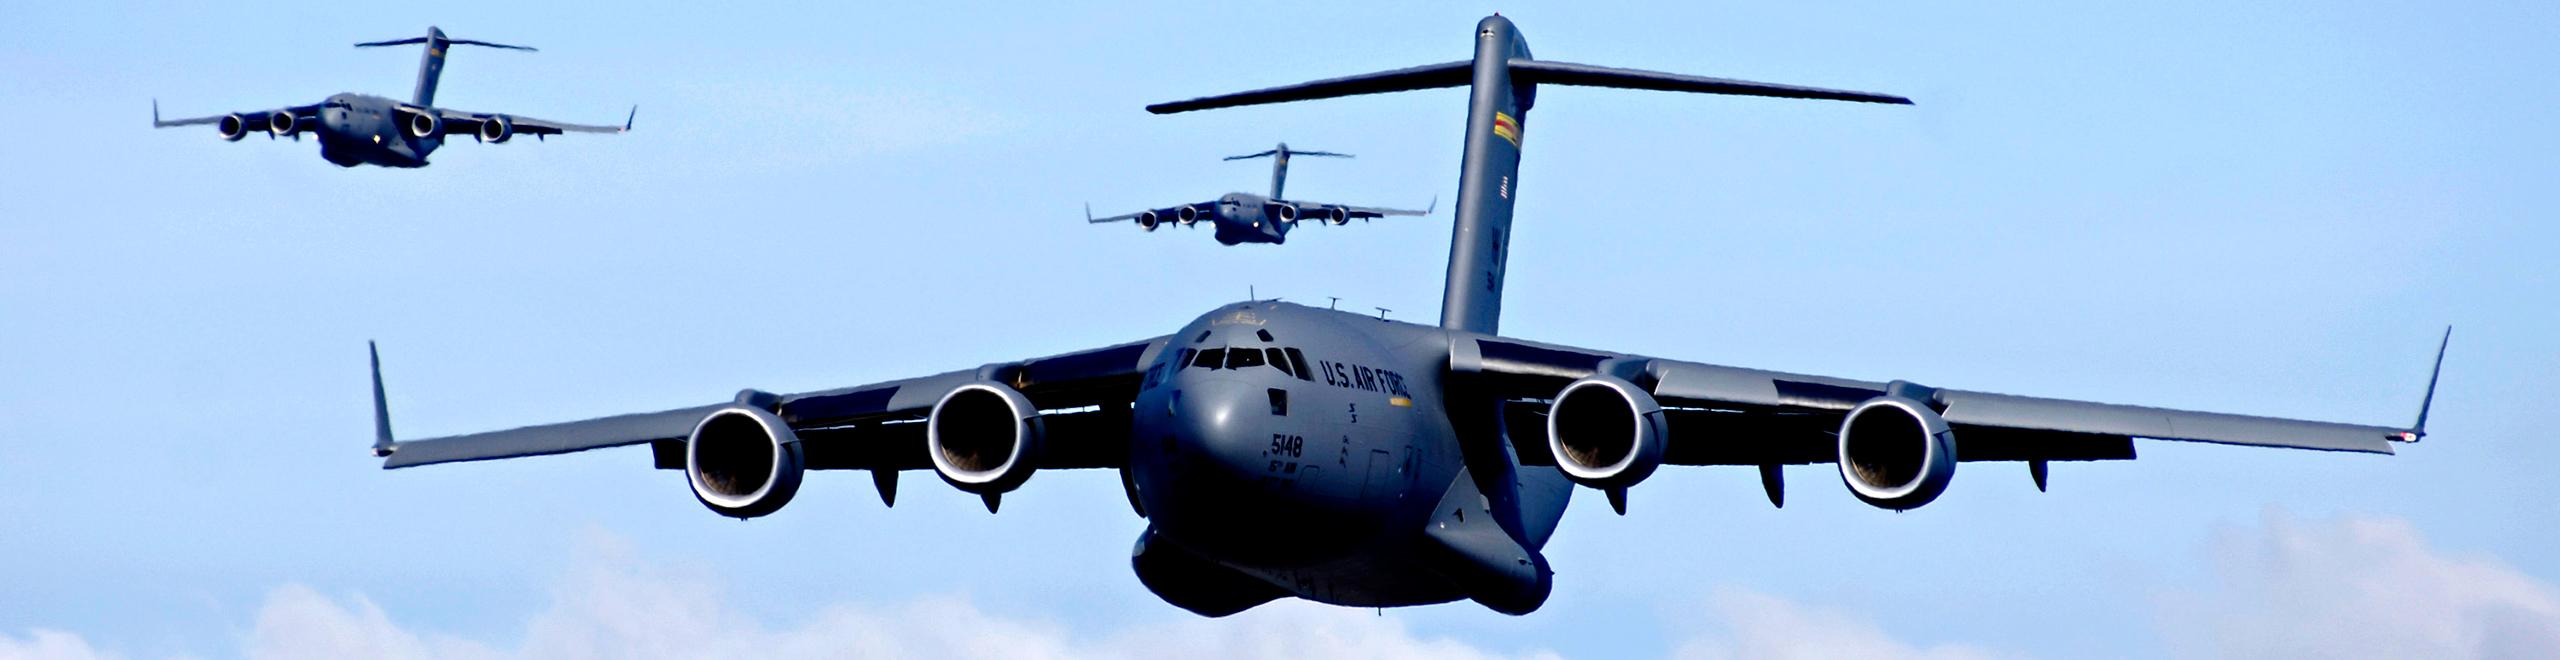 c-17 cargo jet